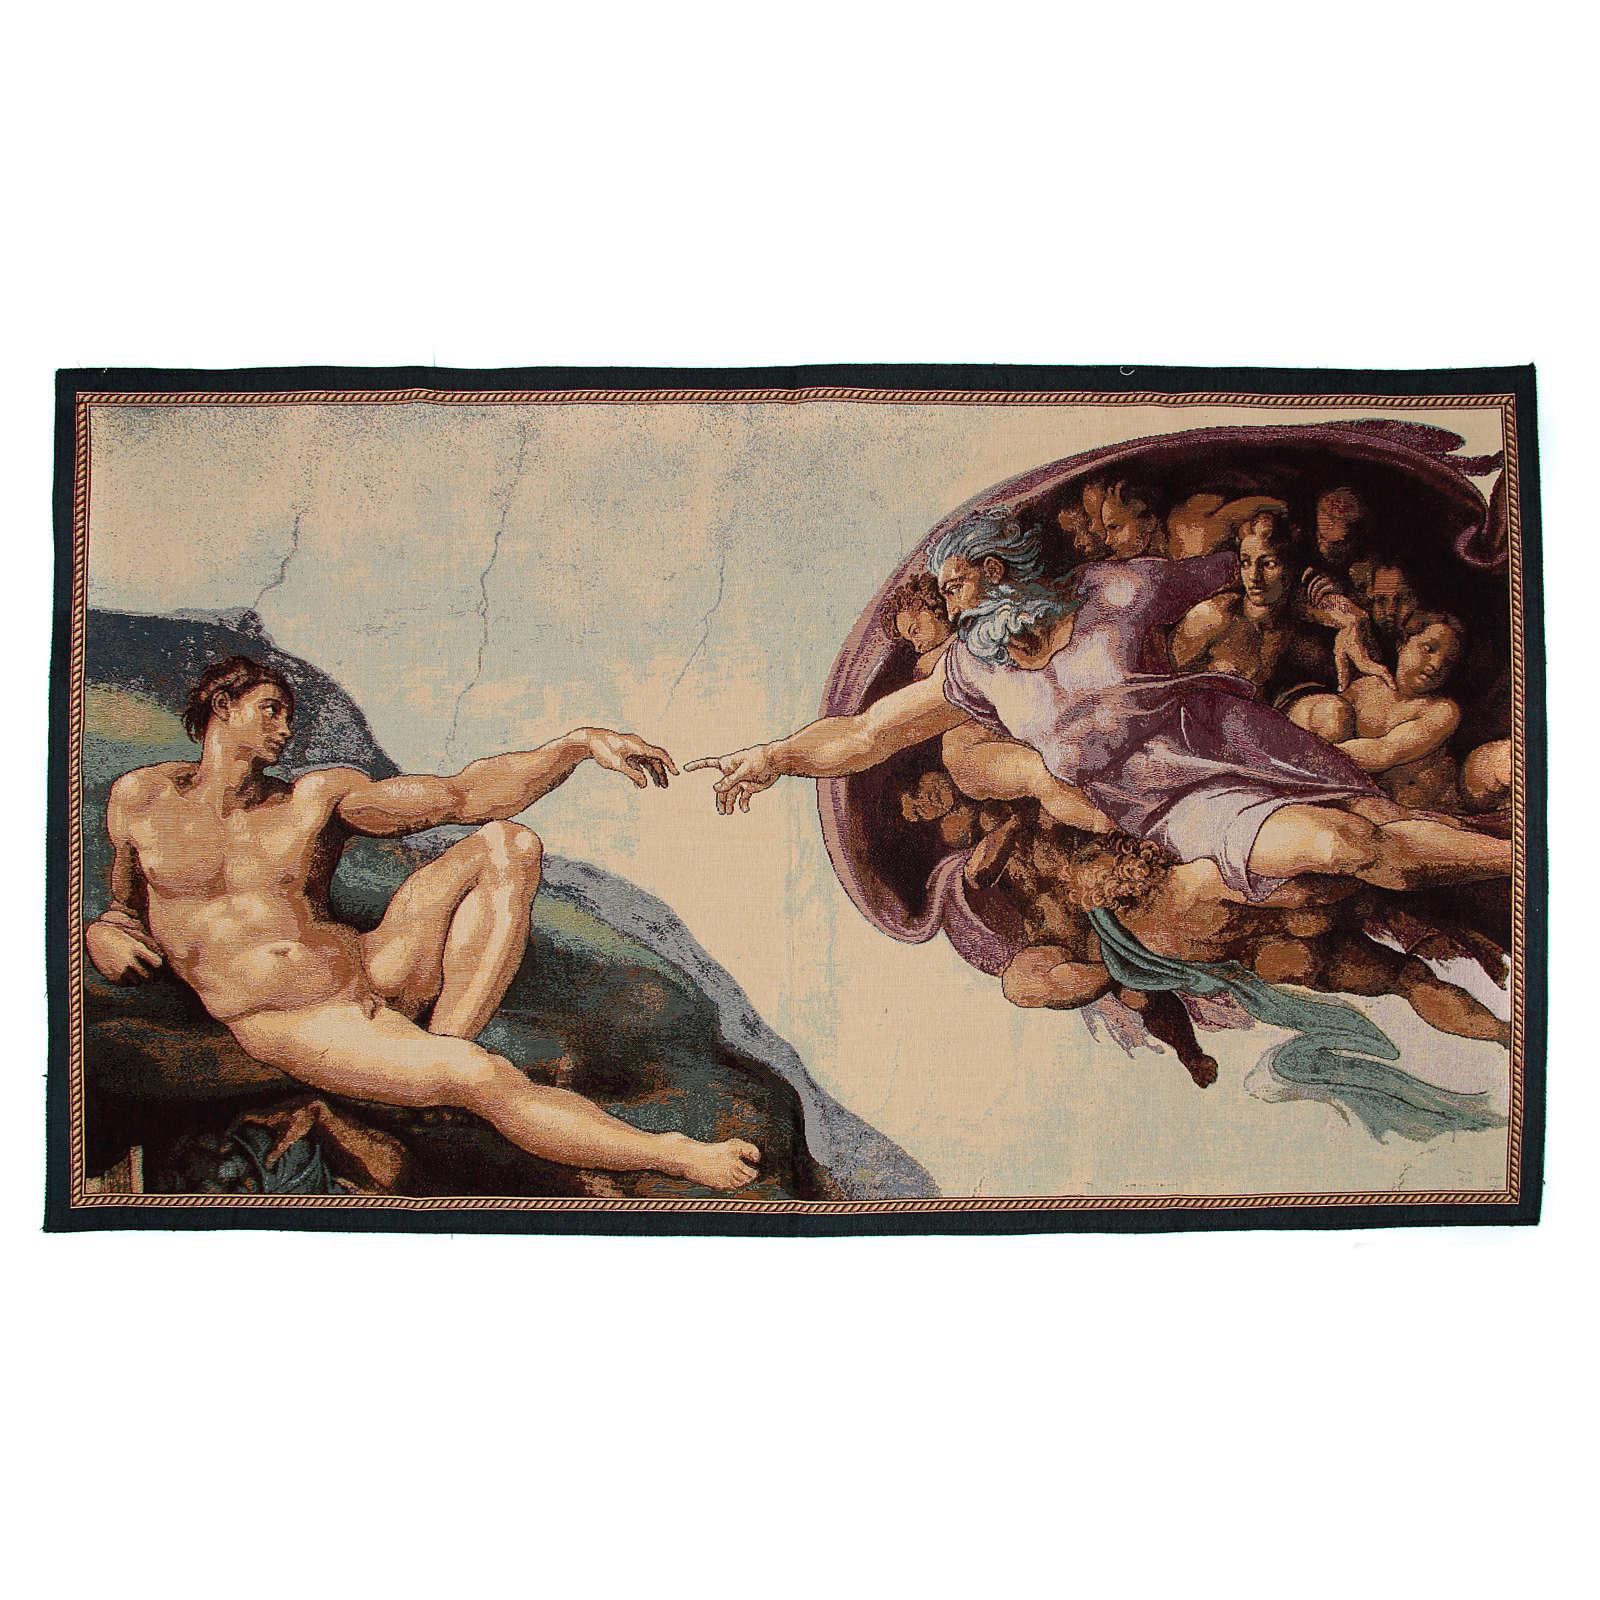 Tapiz Creación Fresco Michelangelo Buonarroti 65 x 125 cm 3